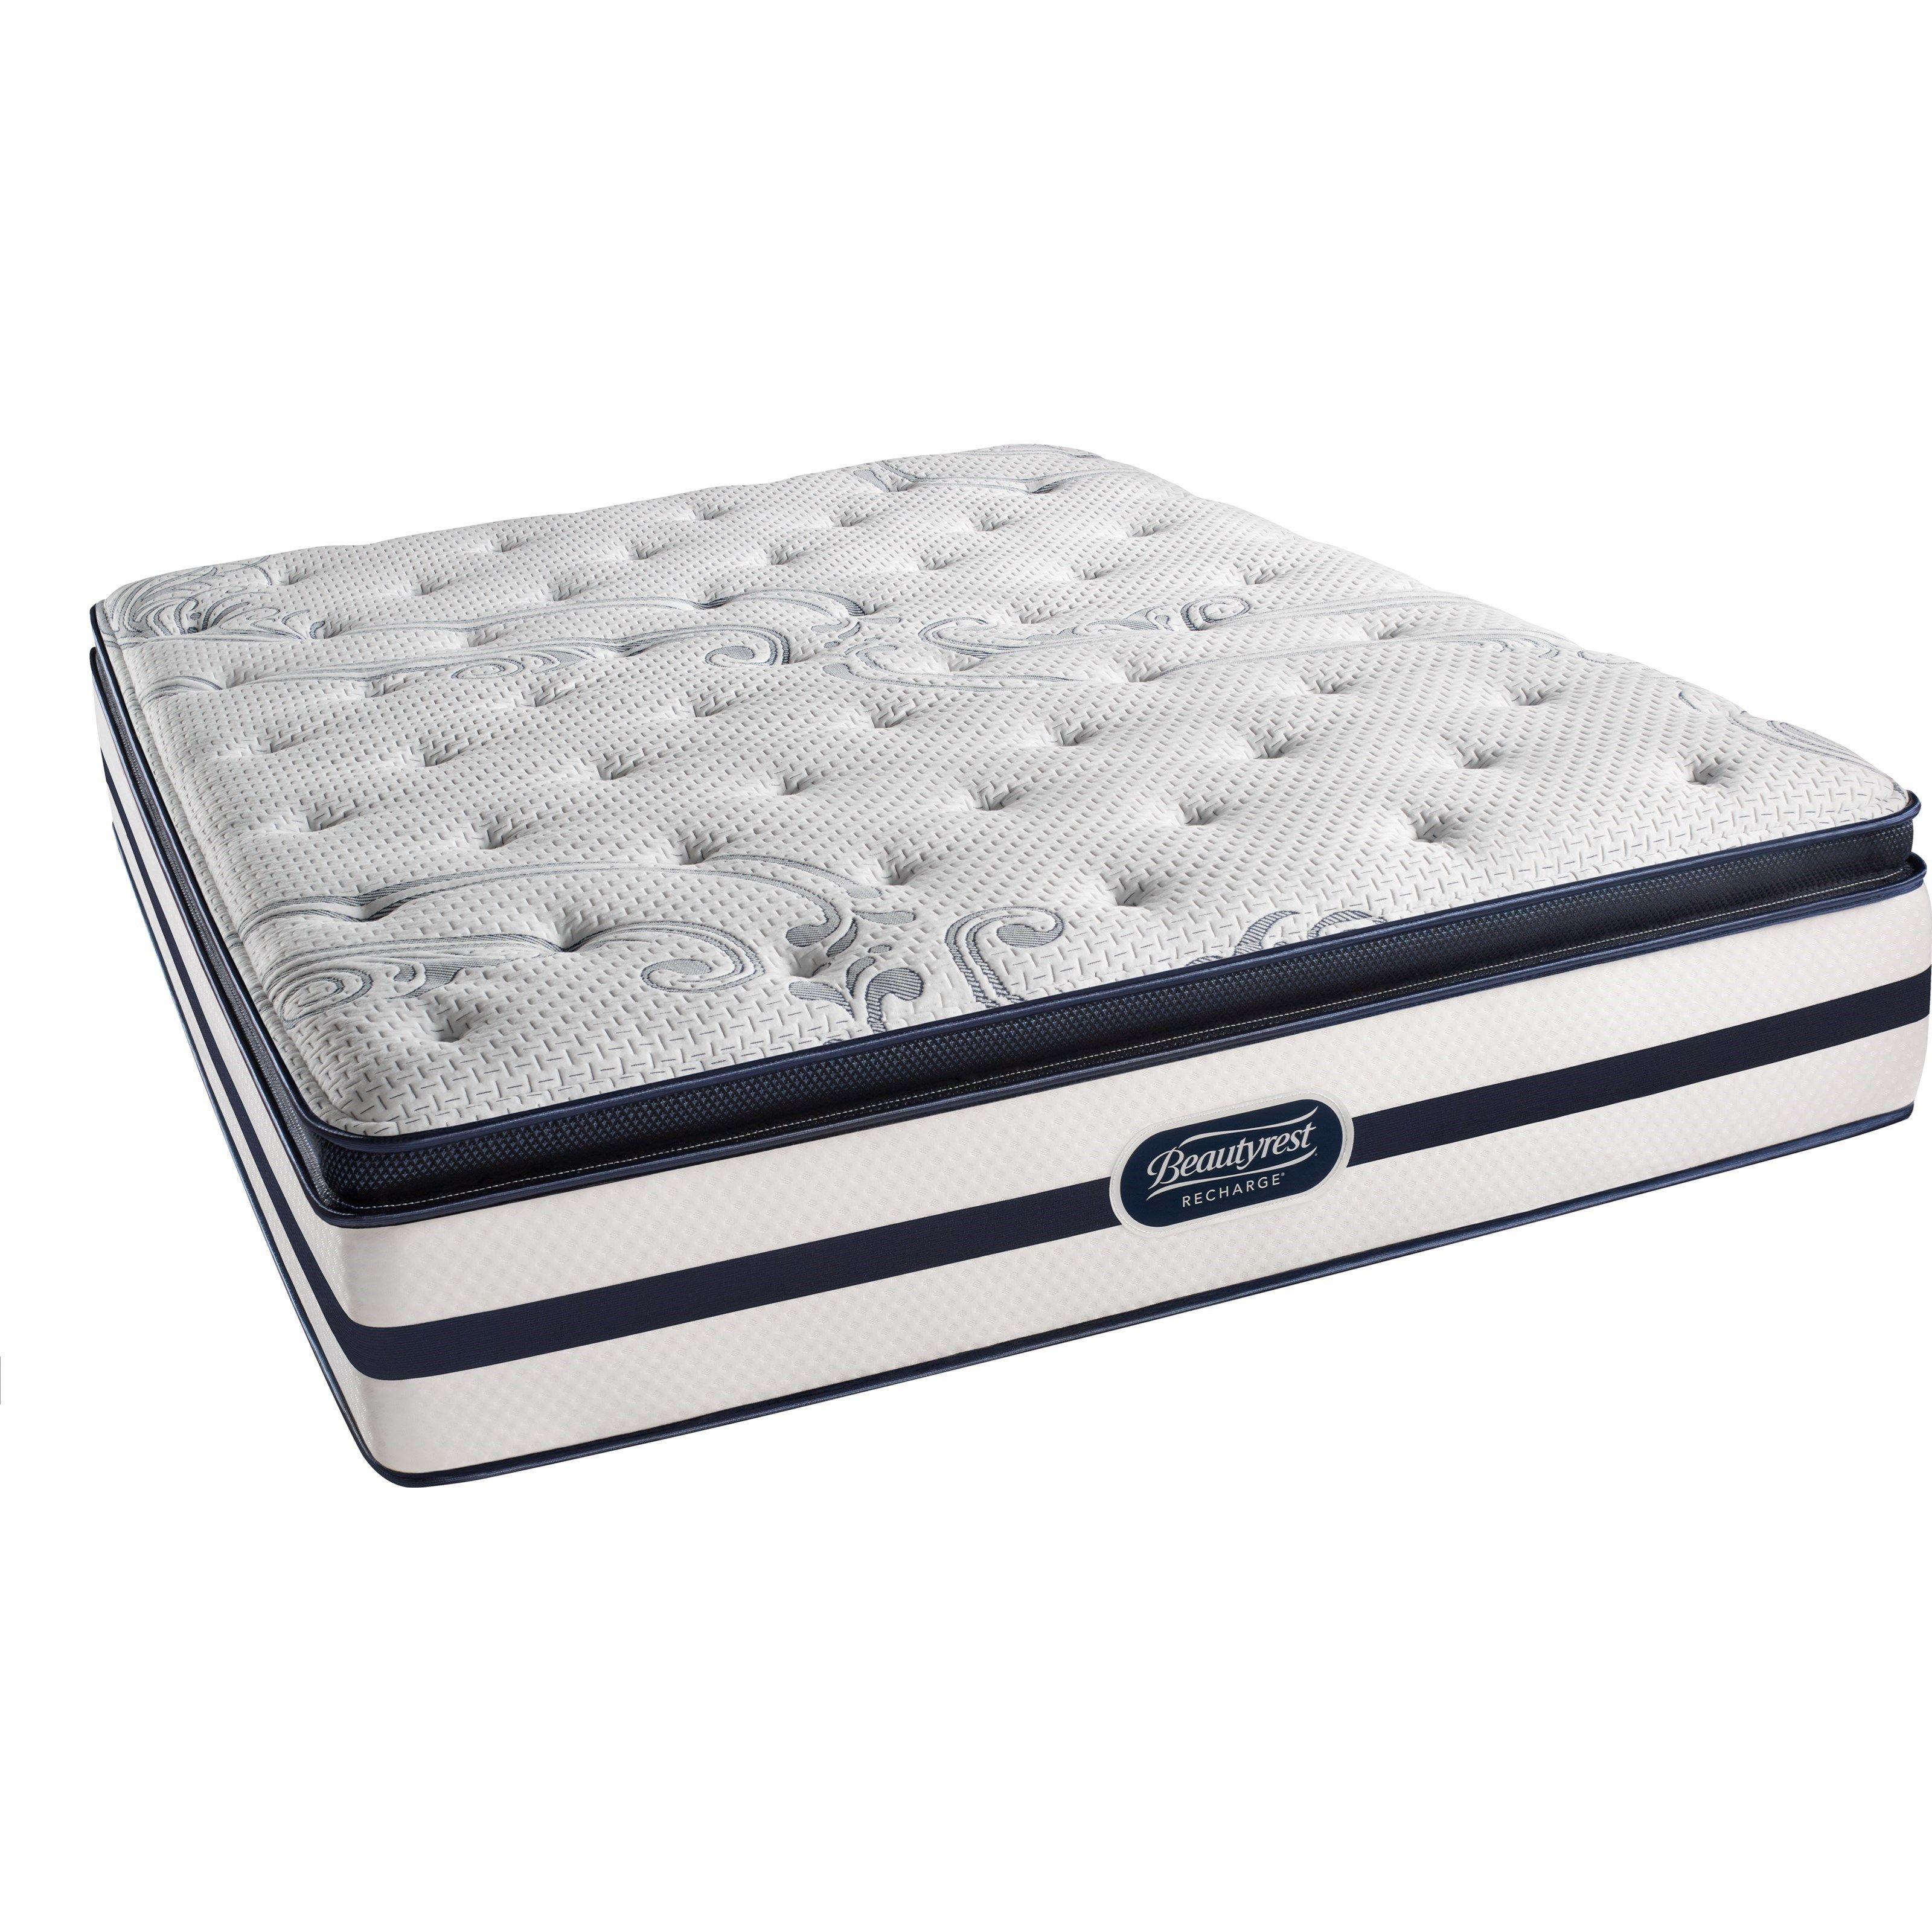 Breesport Queen Plush Pt Mattress By Simmons Simmons Beautyrest Mattress Beautyrest Mattress Firm Pillows